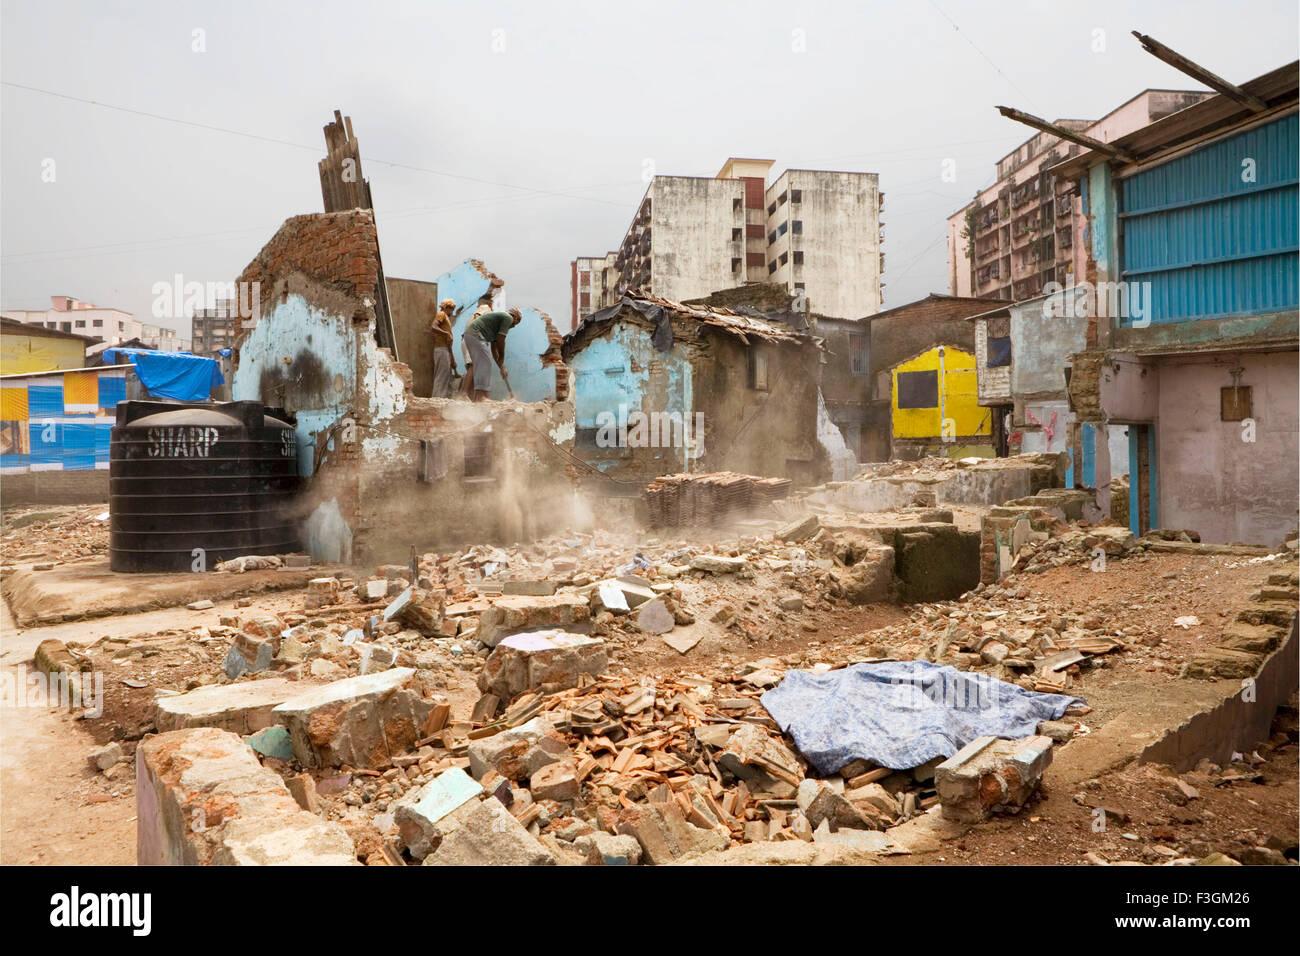 A house being demolished in Dharavi slums ; Bombay now Mumbai ; Maharashtra ; India - Stock Image